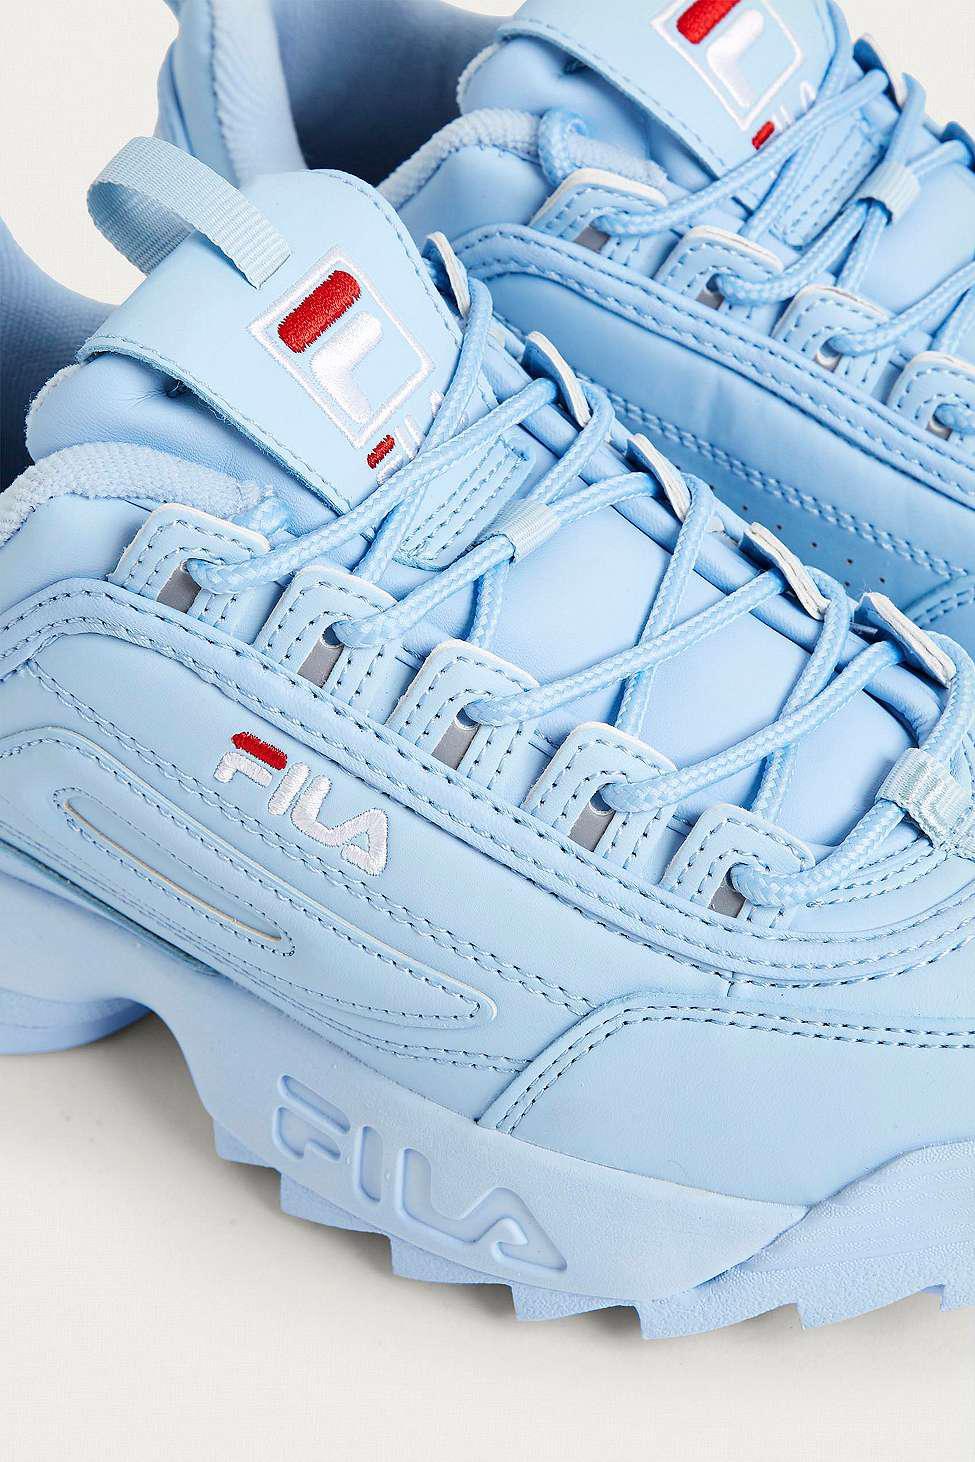 fila baby blue trainers \u003e Clearance shop